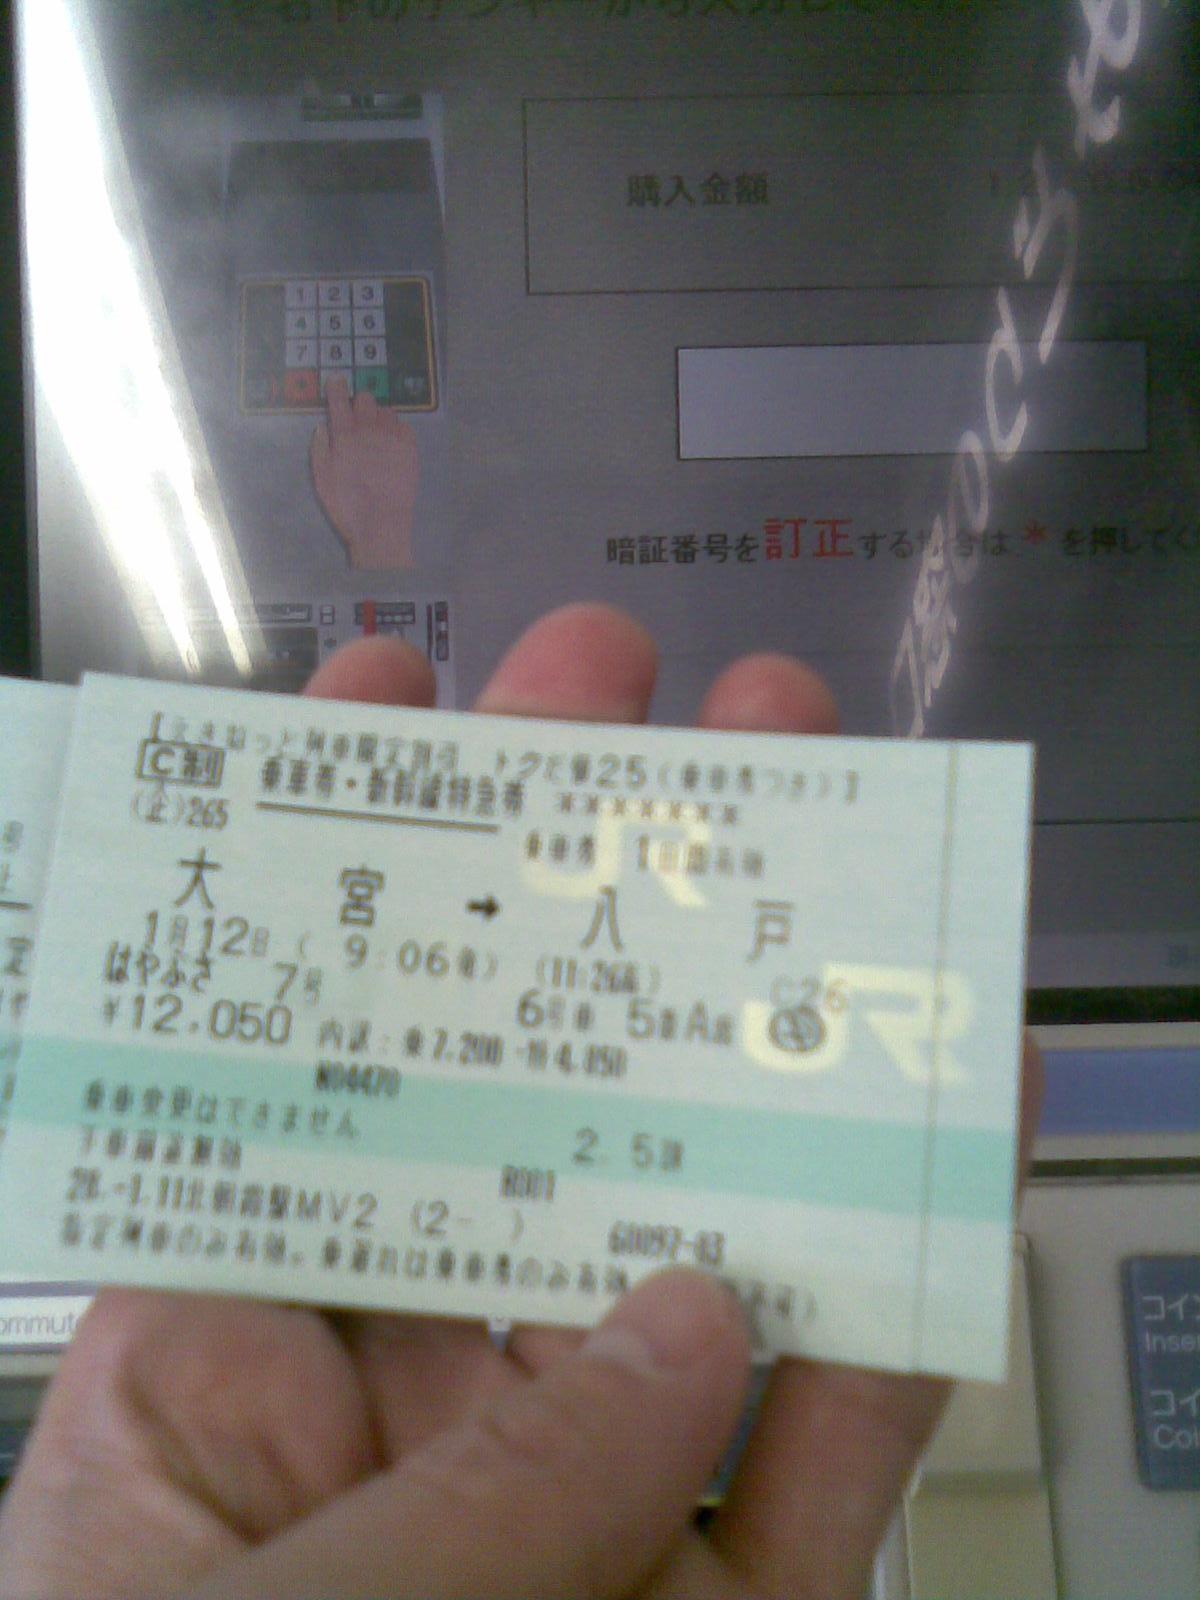 明日から1/14まで帰青!新幹線乗車前日に発券!_d0061678_13504166.jpg